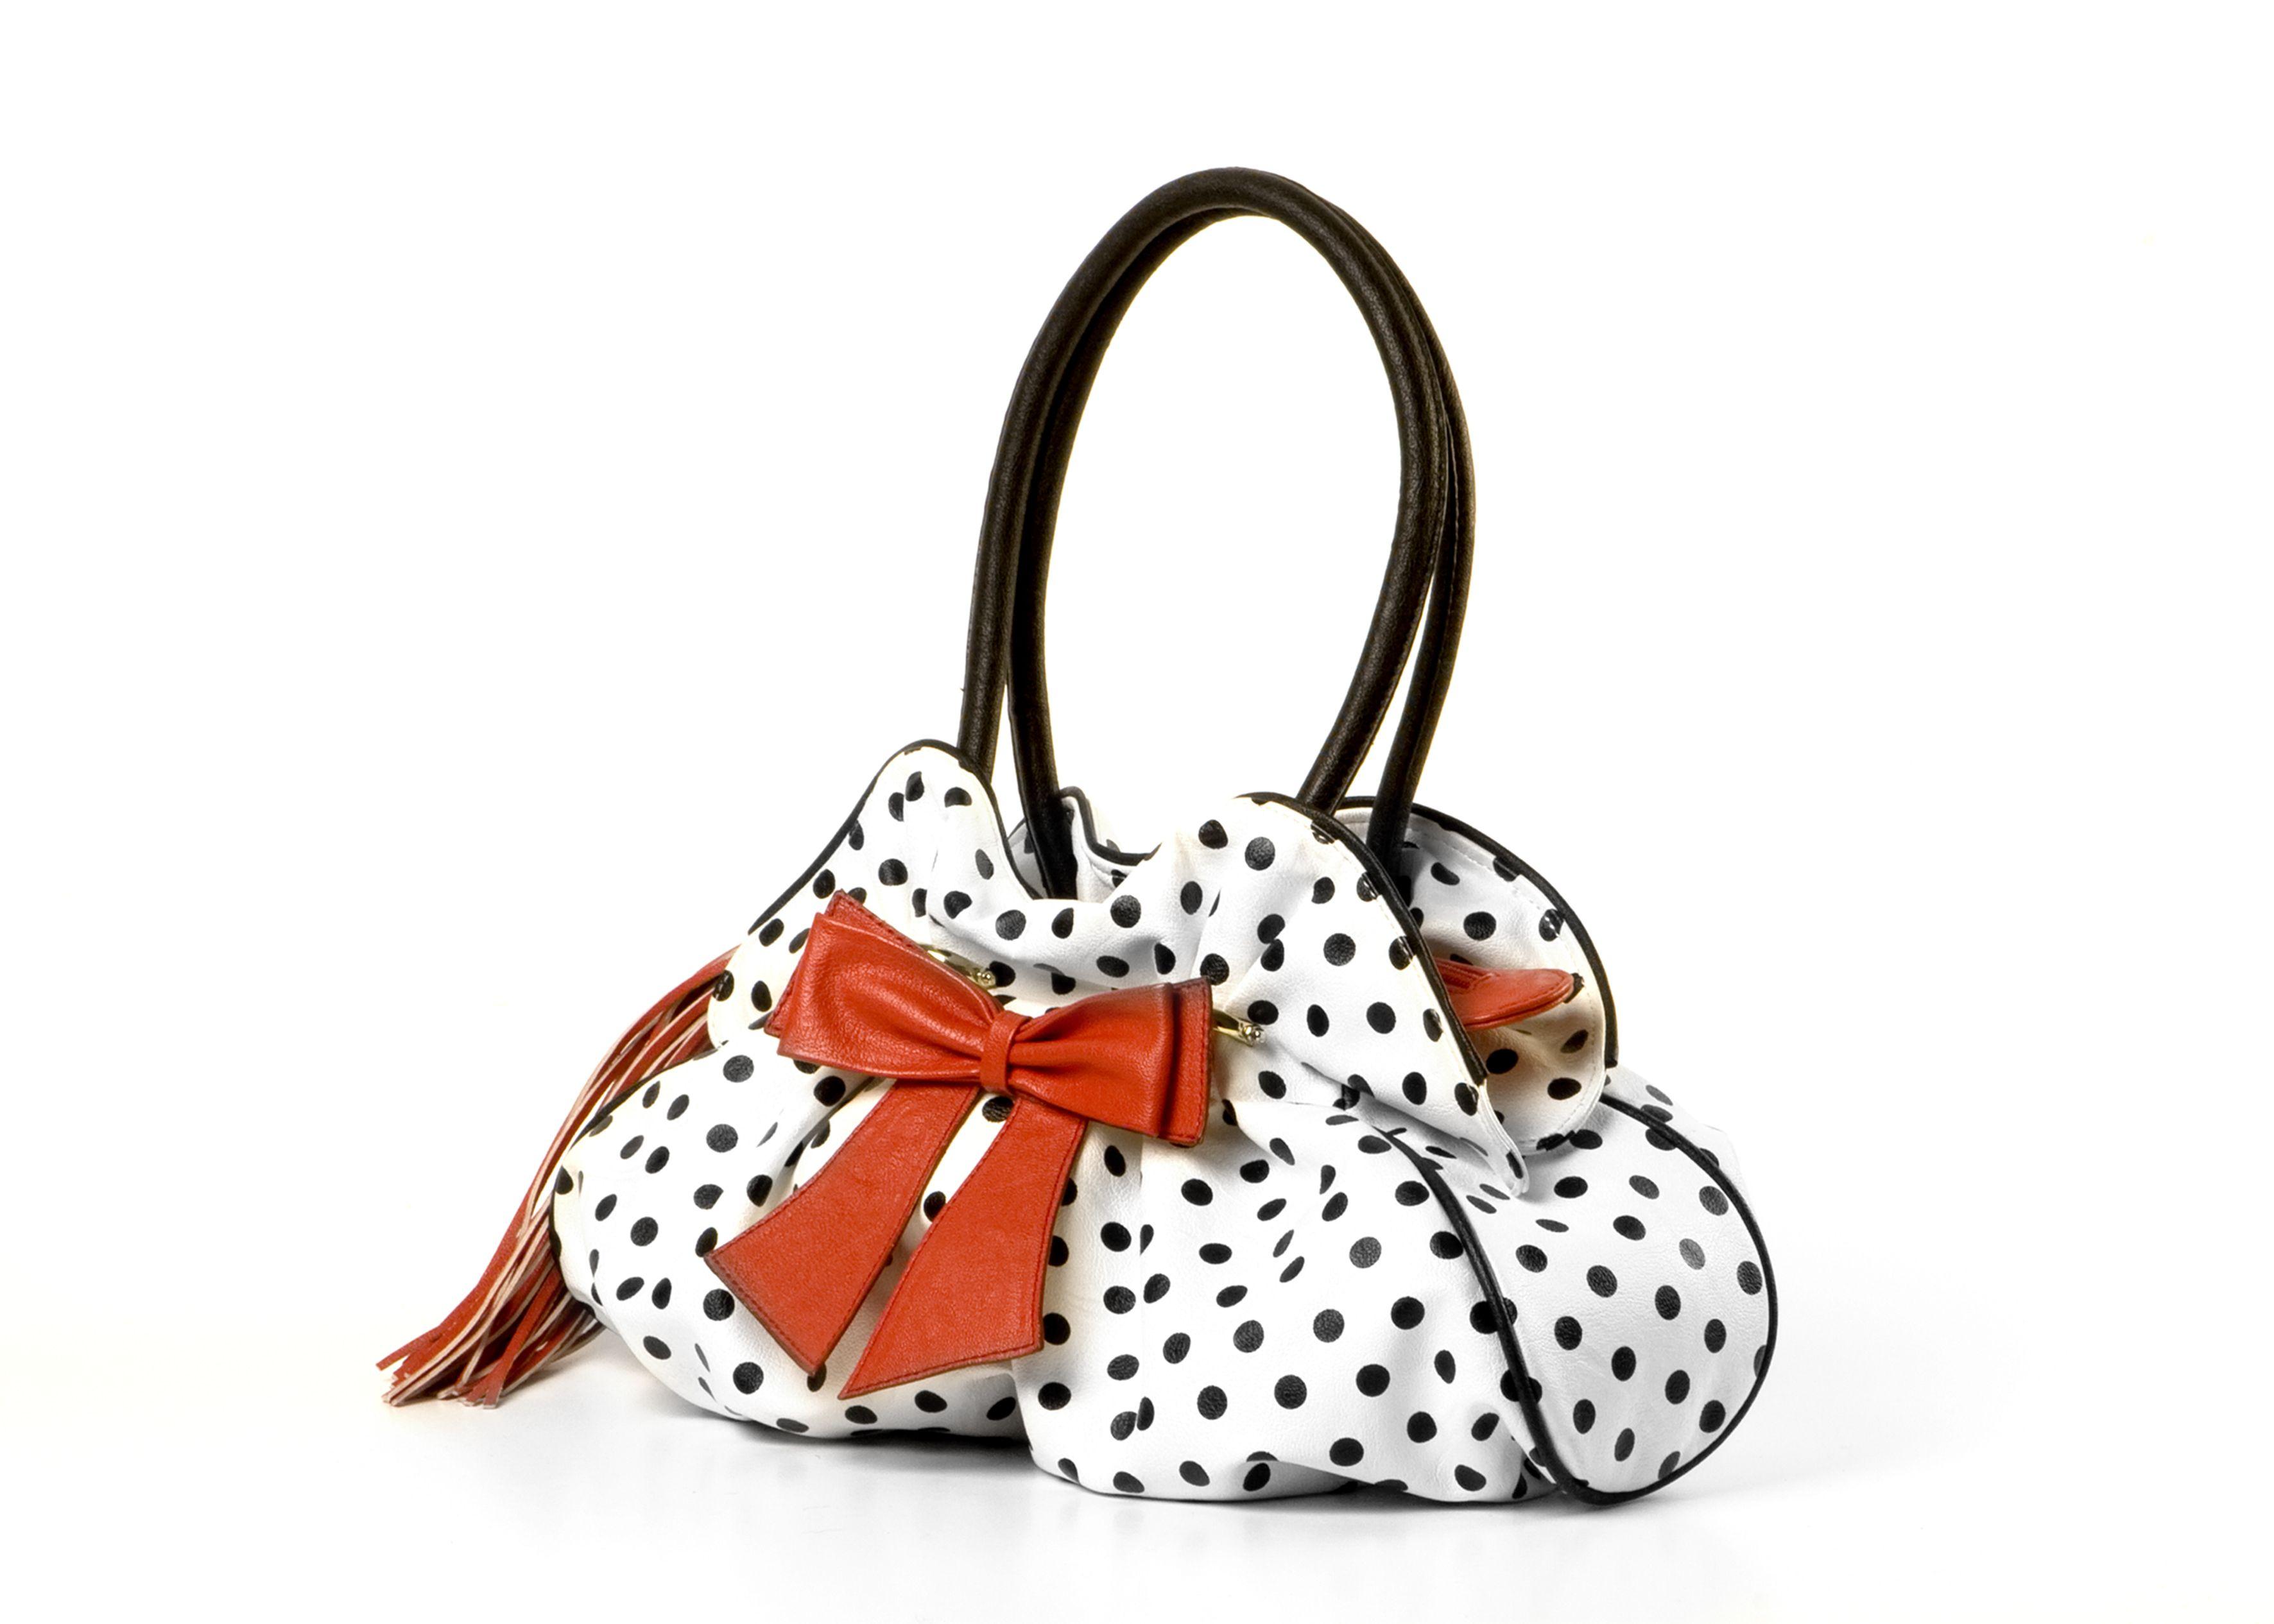 Ausgefallene Handtaschen Trendige Handtaschen Mit Punkten Purses